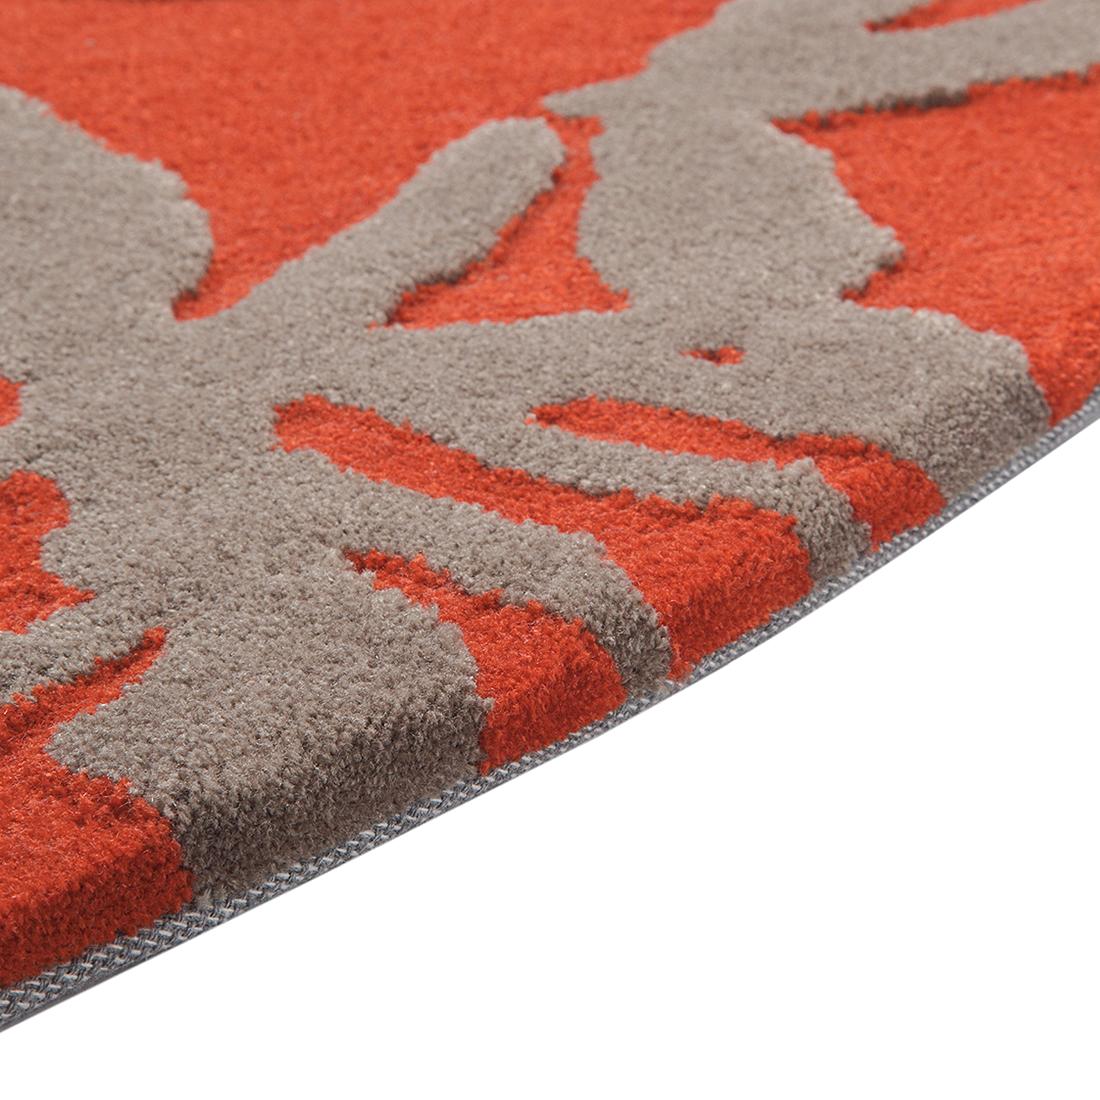 Teppich orange  Teppich Fußboden Läufer Brücke Hochflor 250x250cm Floral Rund ...